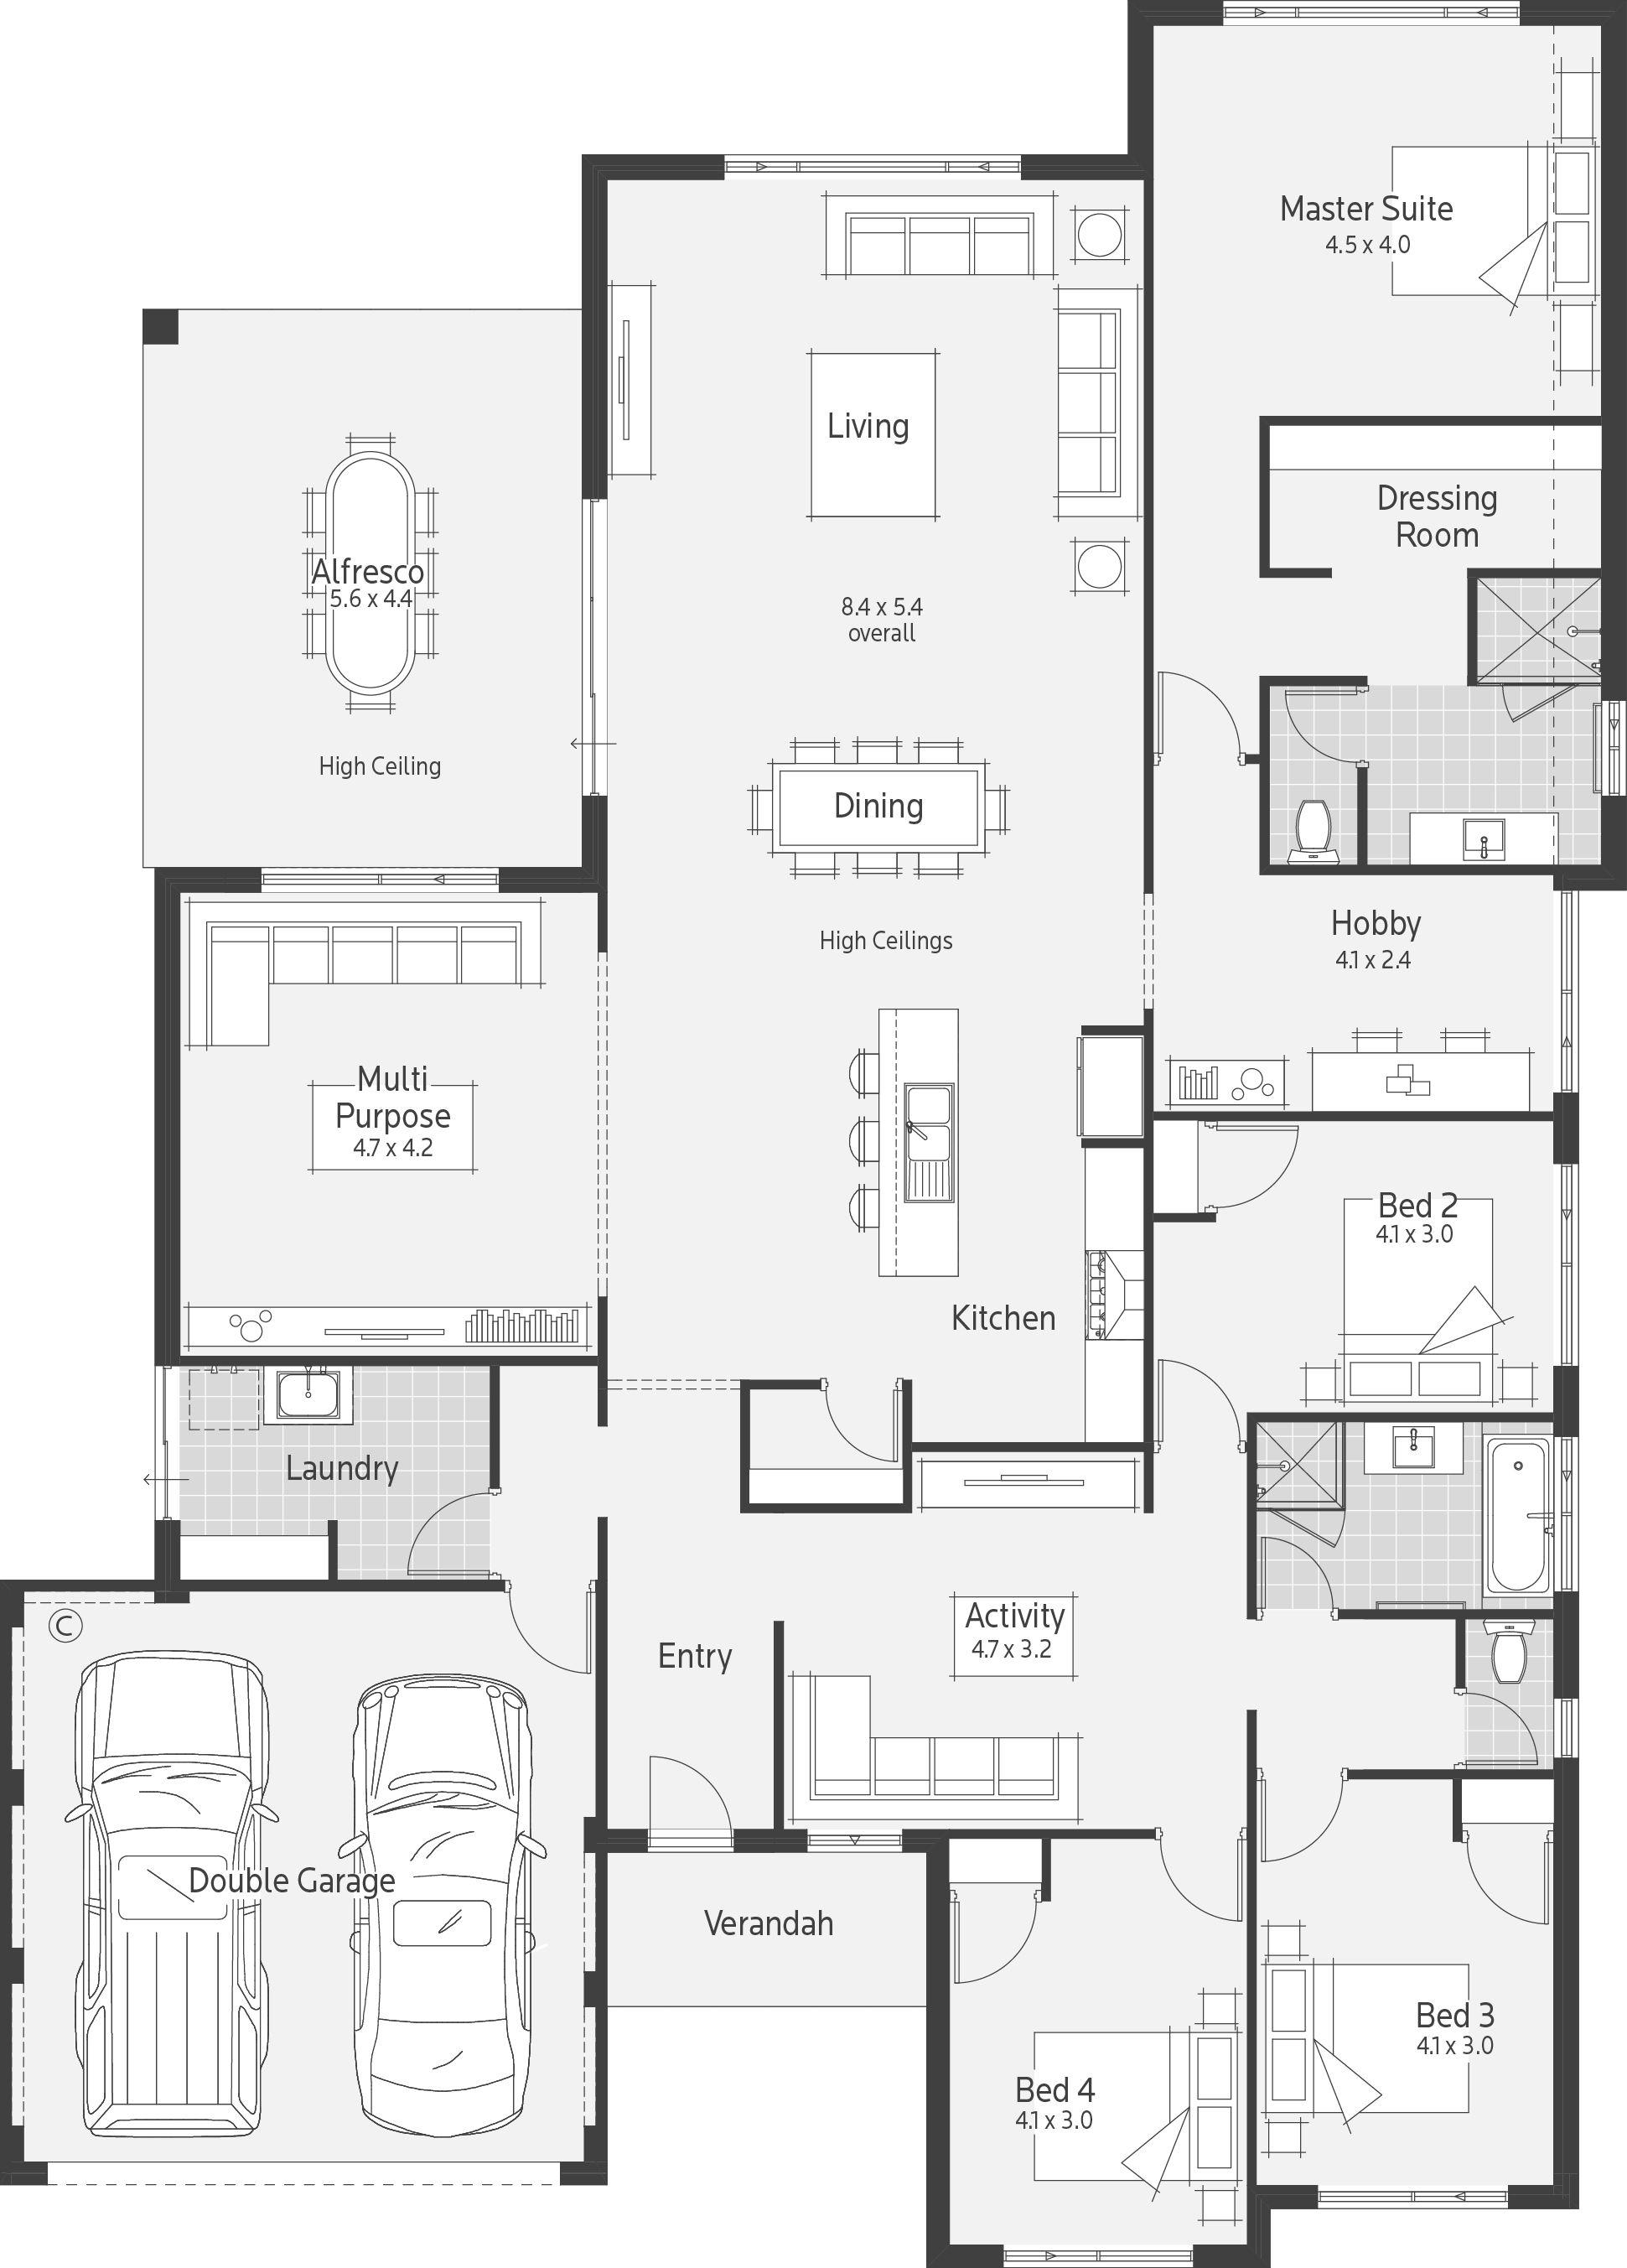 Goulburn Home Design Floor Plans Dream House Rooms Dream House Plans